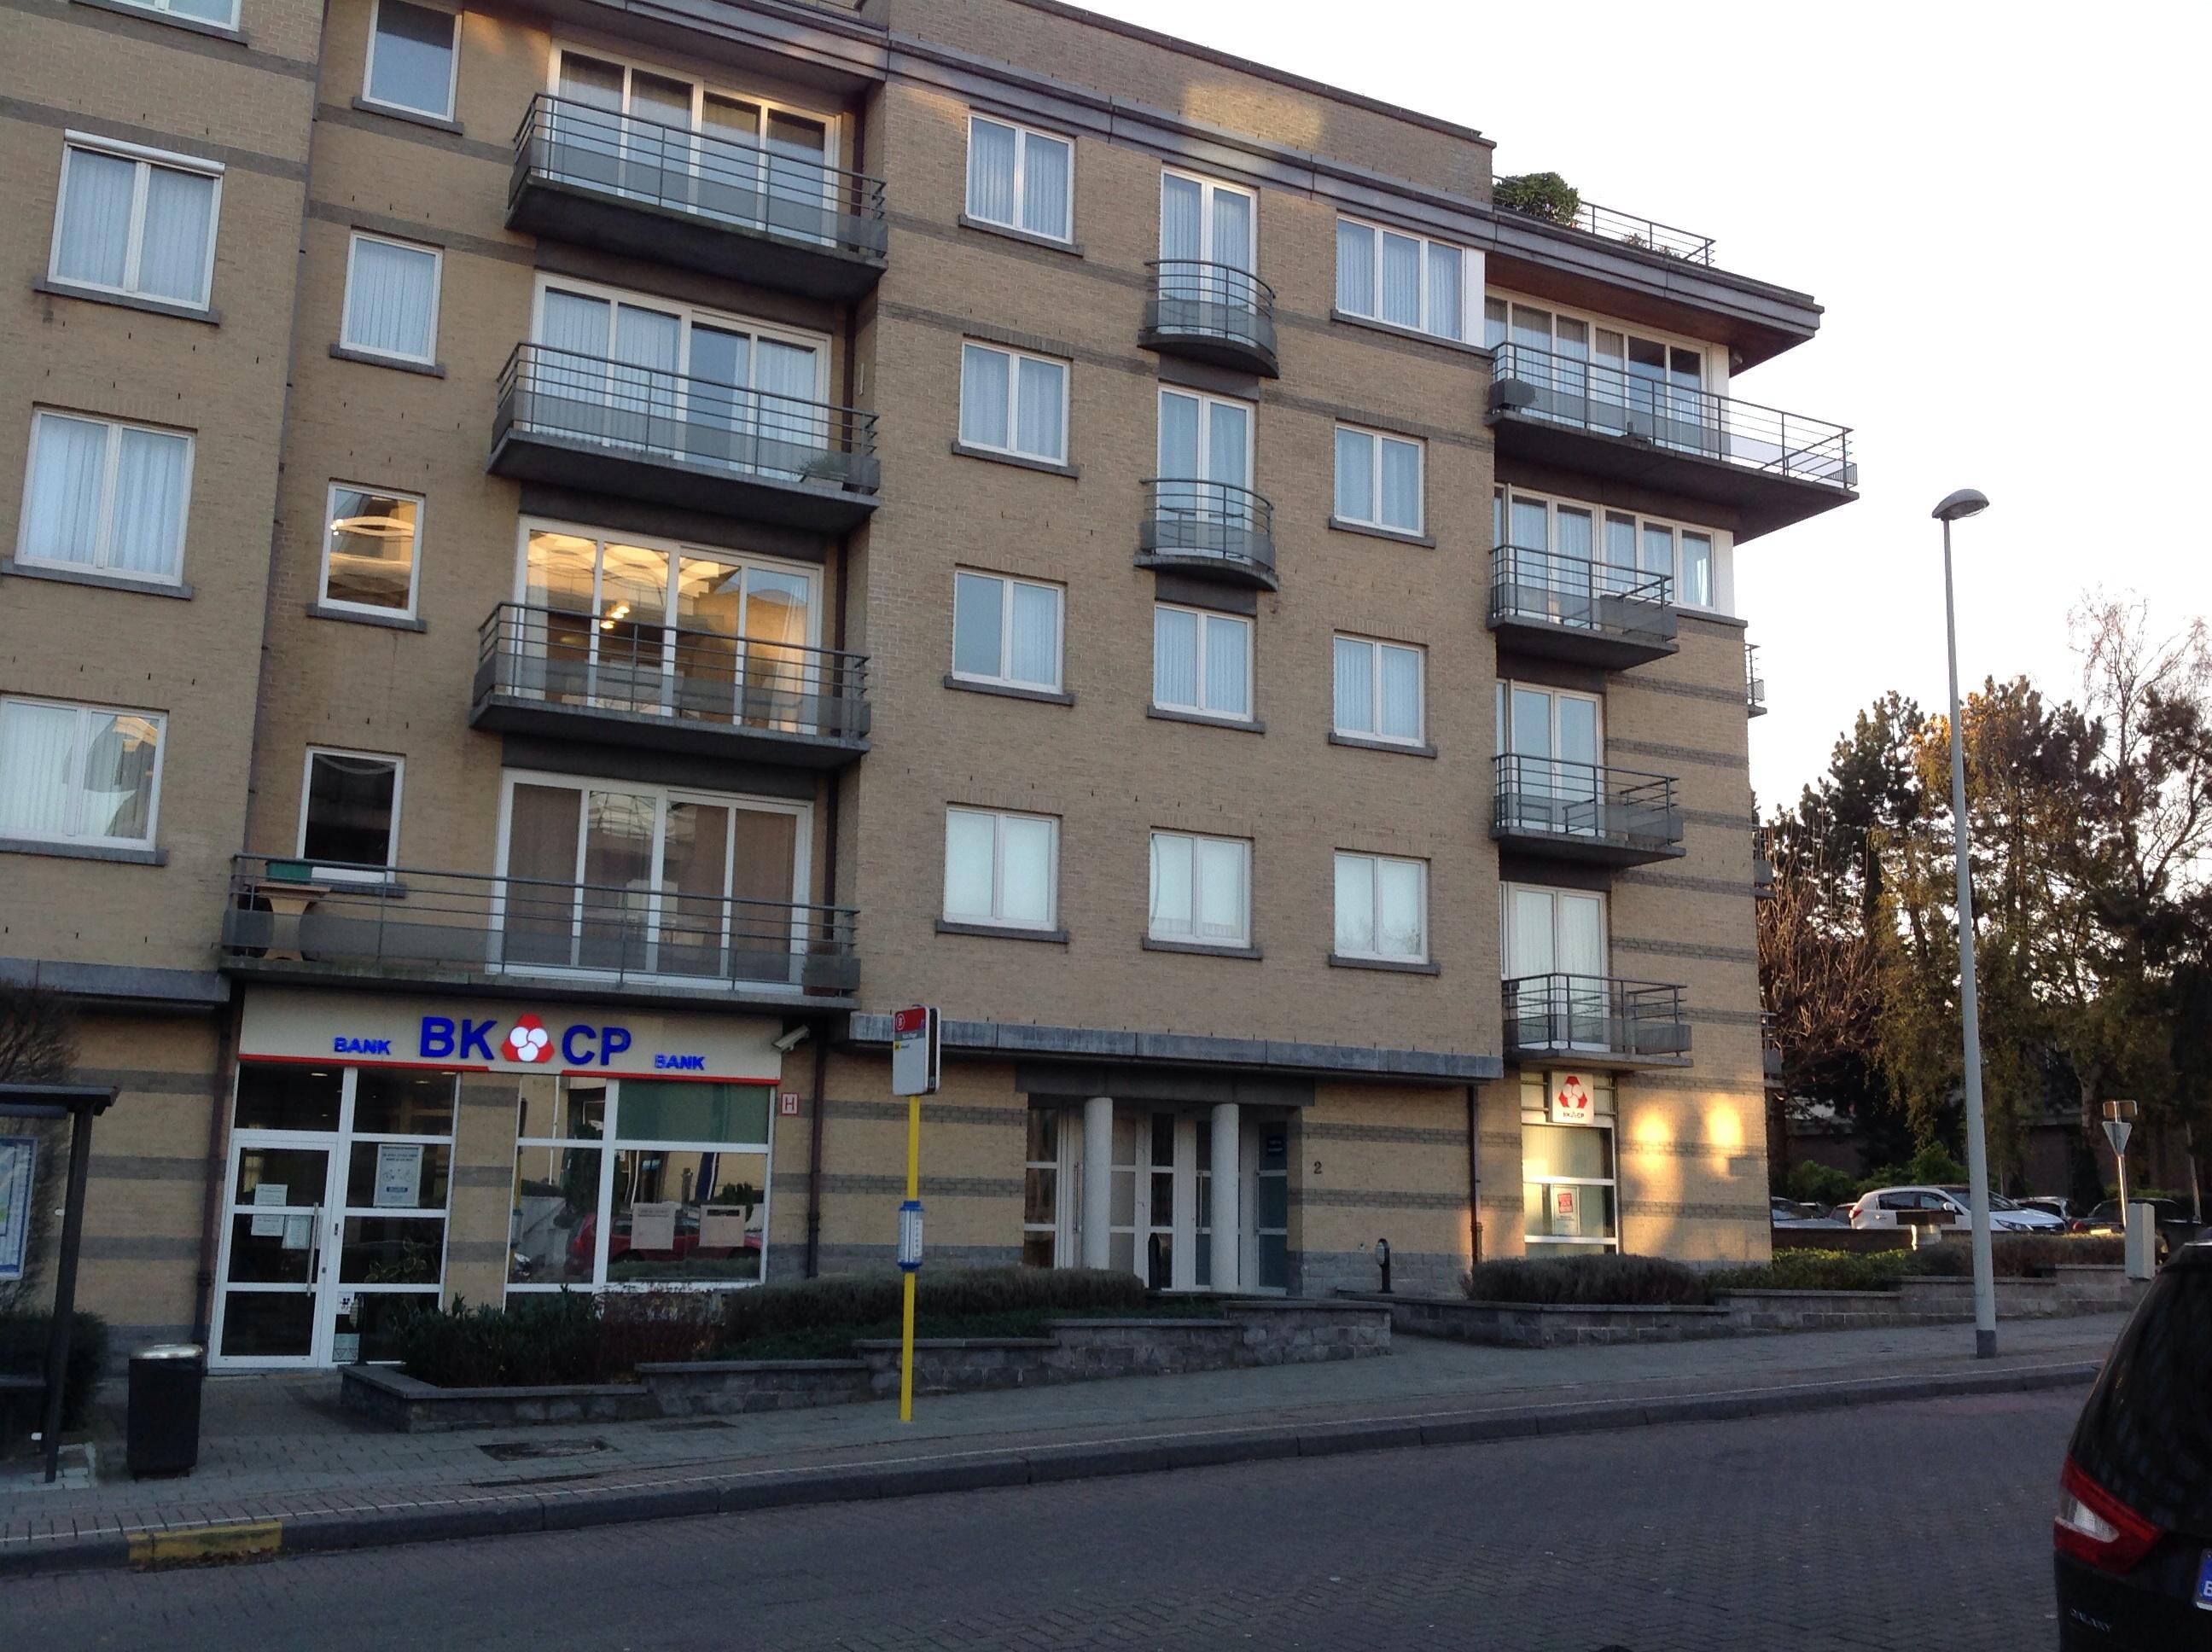 Châtaignier – Ganshoren, Avenue Louis De Brouckère, 2 –  06 Décembre 2013